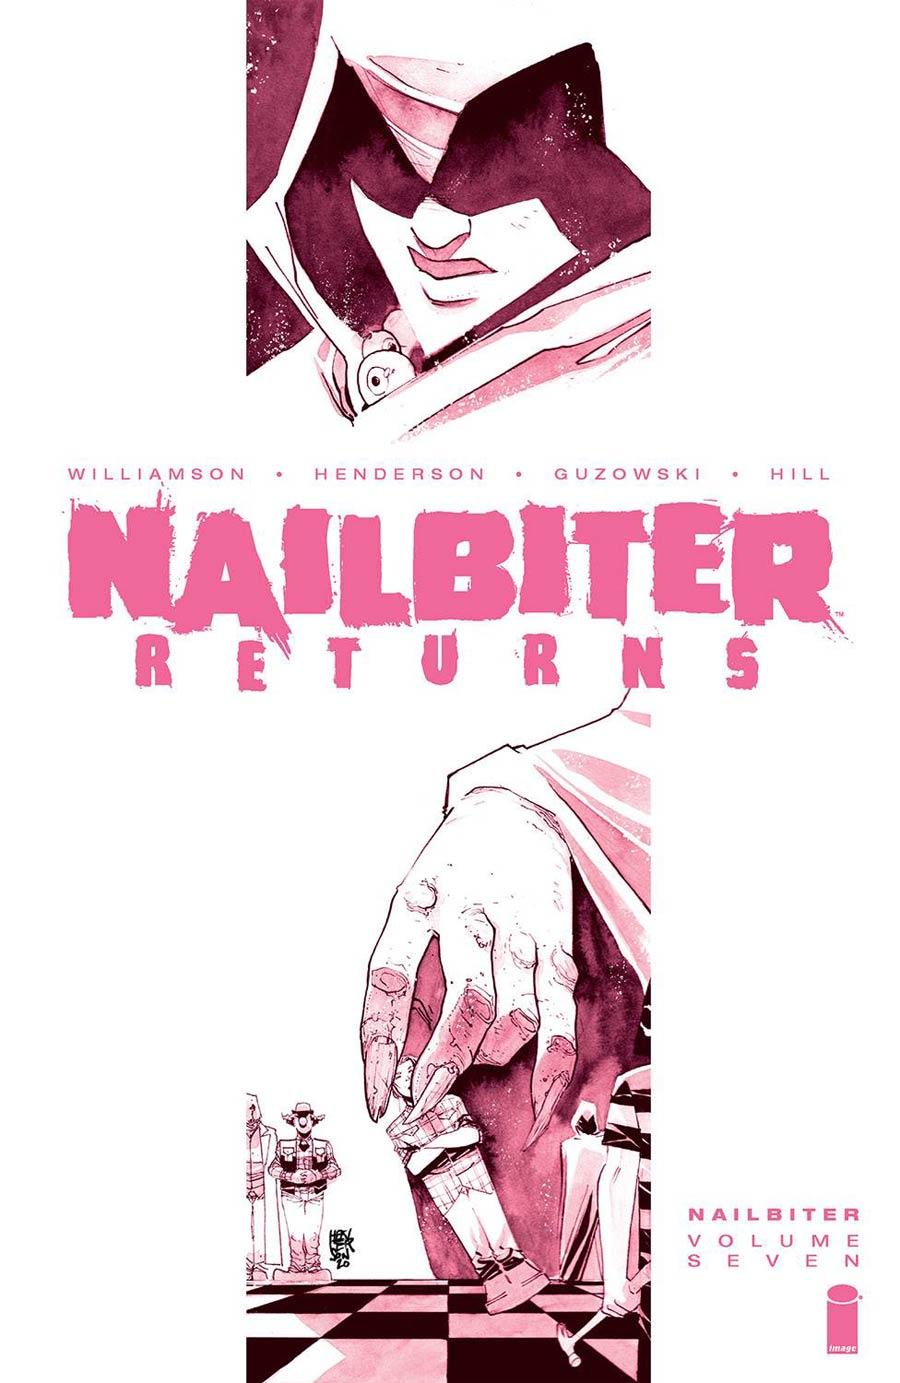 Nailbiter Vol 7 Nailbiter Returns TP